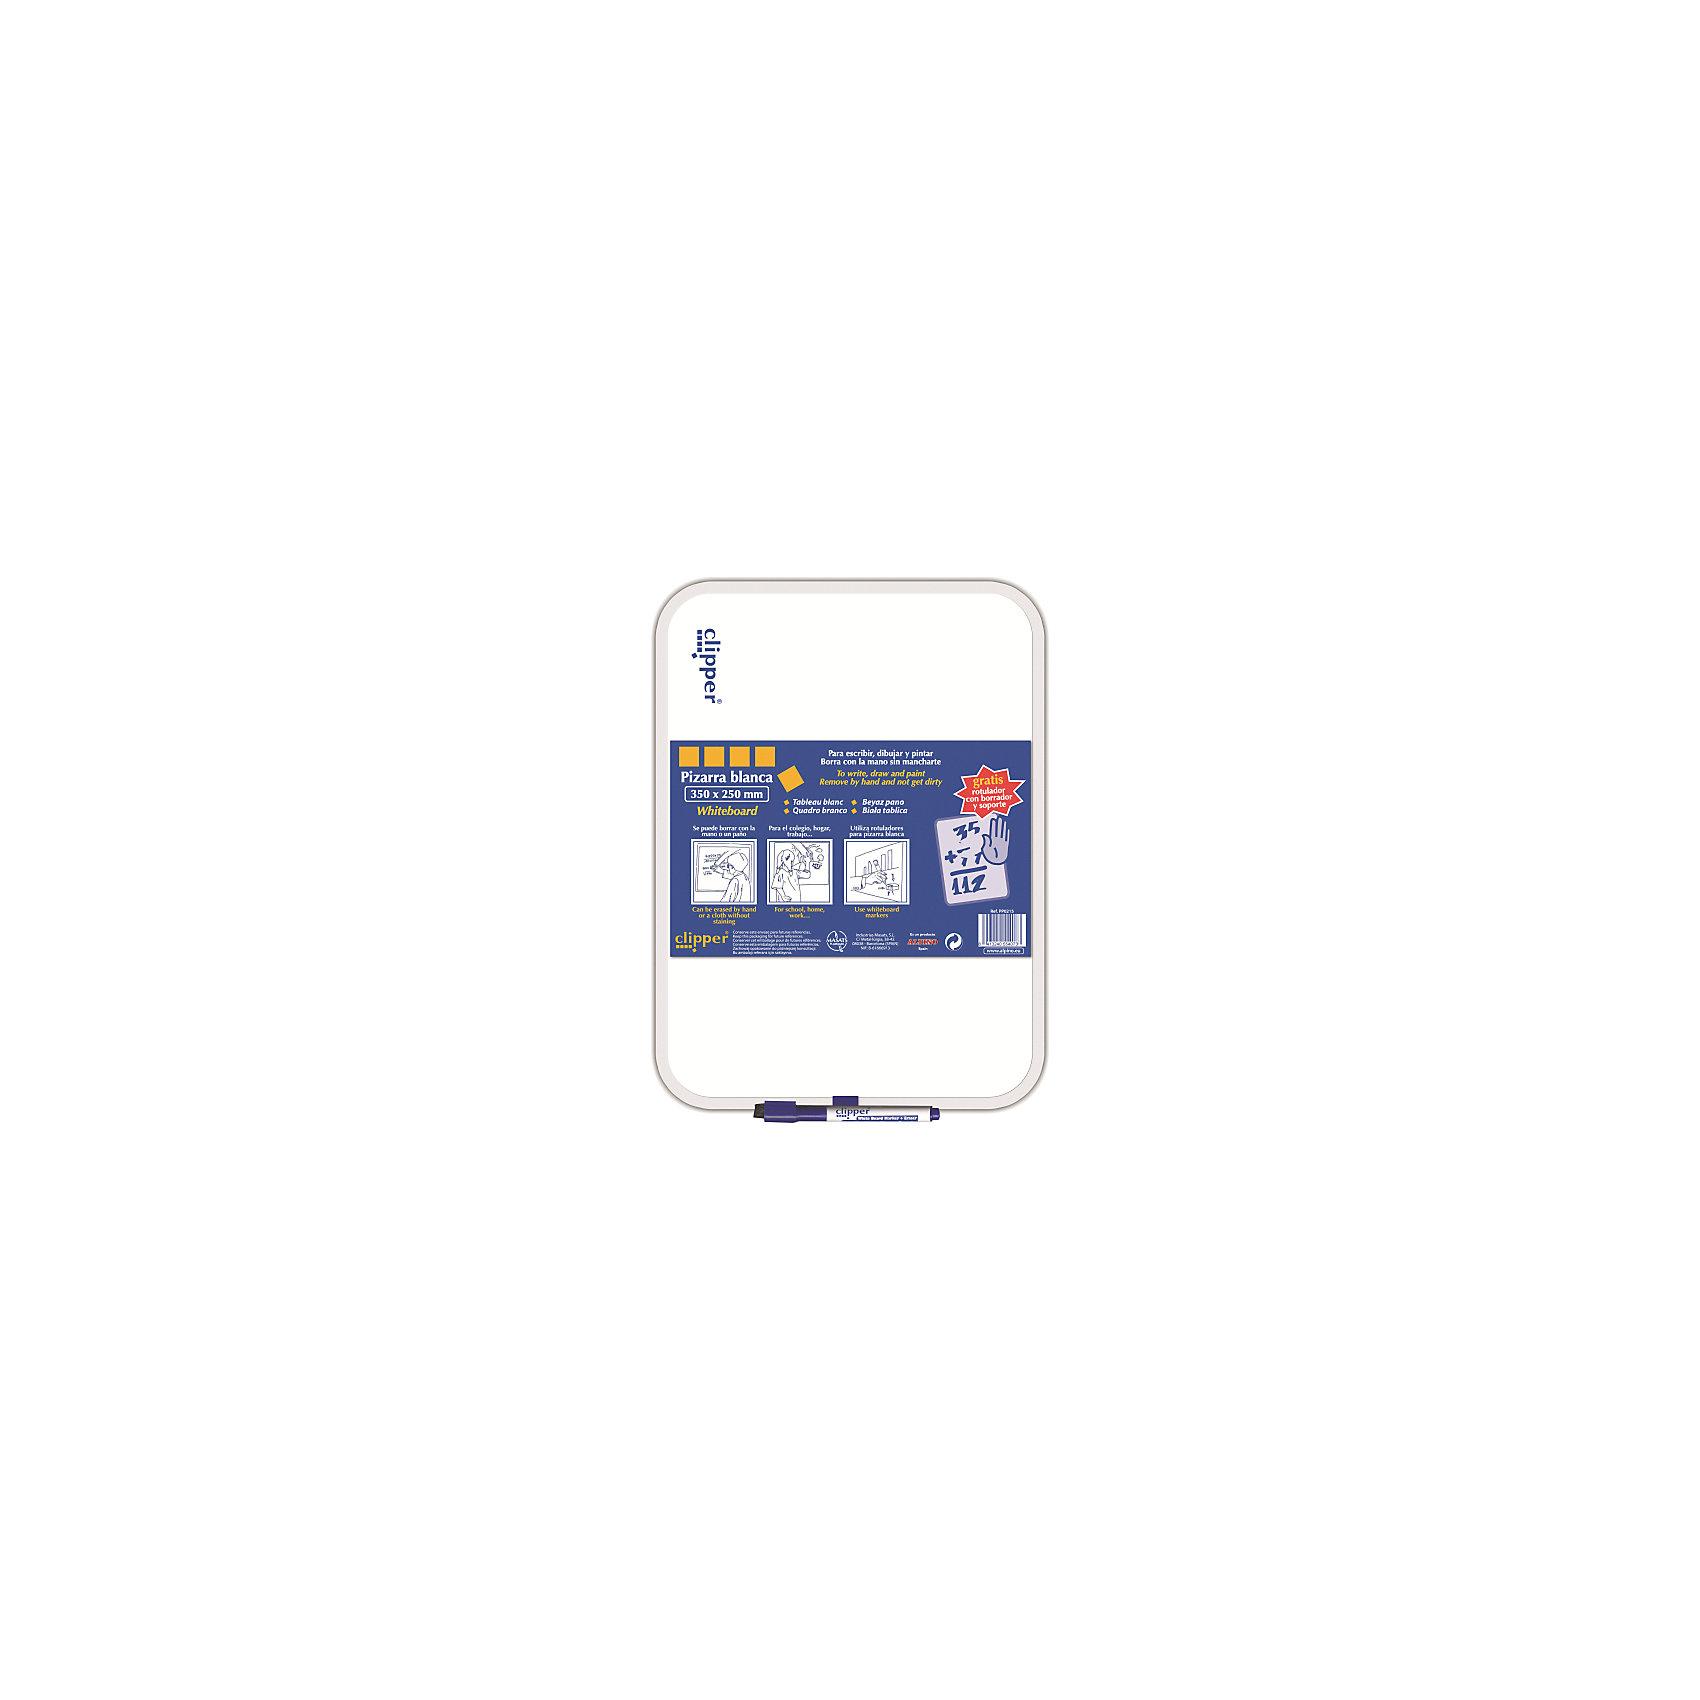 Маркерная доска, цвет белый, 35 x 25 см, 1 шт + маркерКомплект: доска ,маркер и губка в колпачке<br>Изготовлена из нетоксичных материалов, основа ПВХ<br>Предназначена для ежедневных записей<br>Упаковка с европетлей<br>Производитель: ALPINO (Испания)<br><br>Ширина мм: 250<br>Глубина мм: 10<br>Высота мм: 350<br>Вес г: 234<br>Возраст от месяцев: 36<br>Возраст до месяцев: 120<br>Пол: Унисекс<br>Возраст: Детский<br>SKU: 5389788